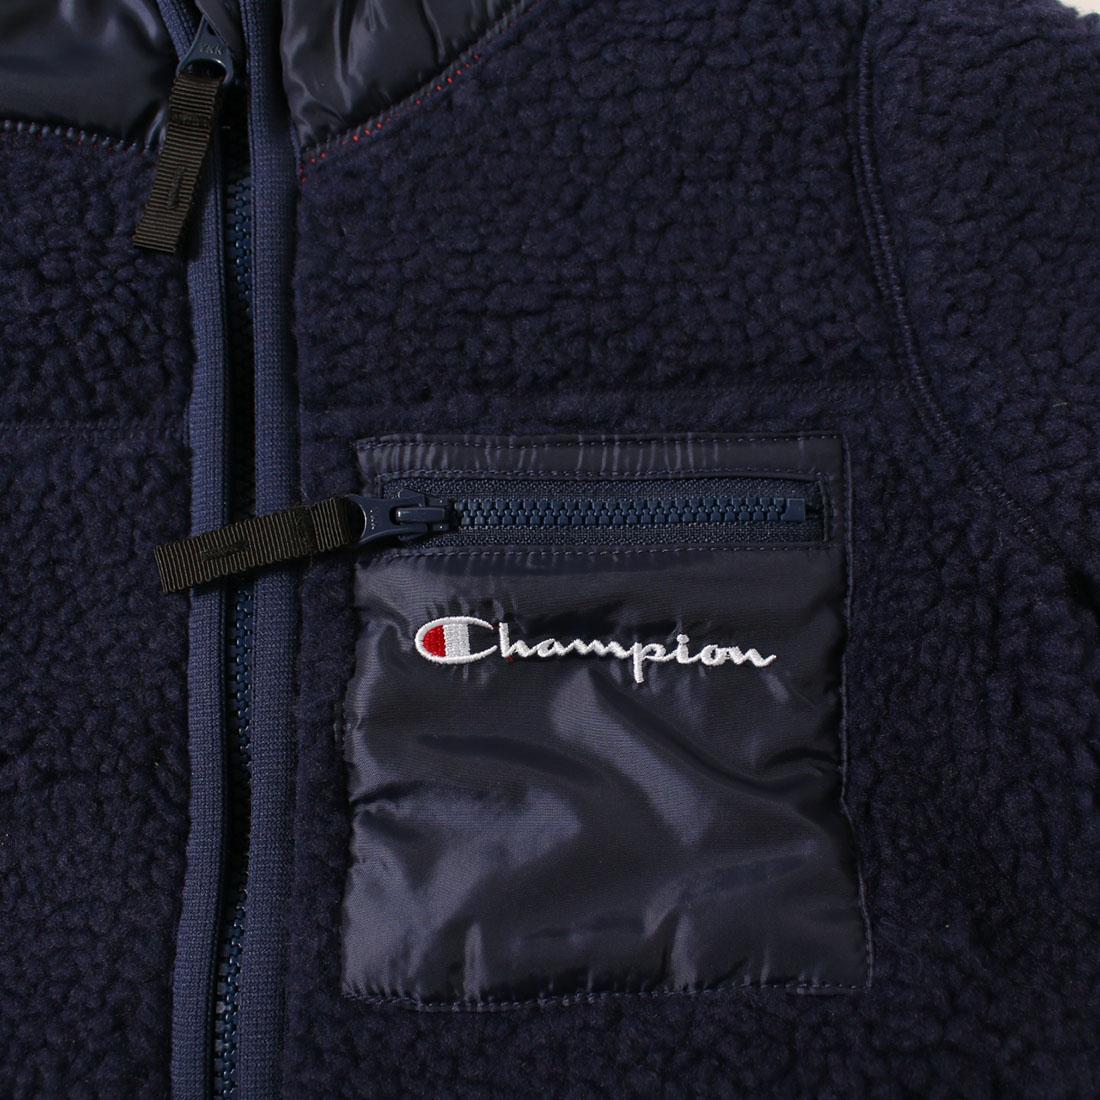 Champion チャンピオン 【送料無料】  ボアフルジップスタンドジャケット(100cm 110cm 120cm 130cm 140cm) キッズ メール便不可